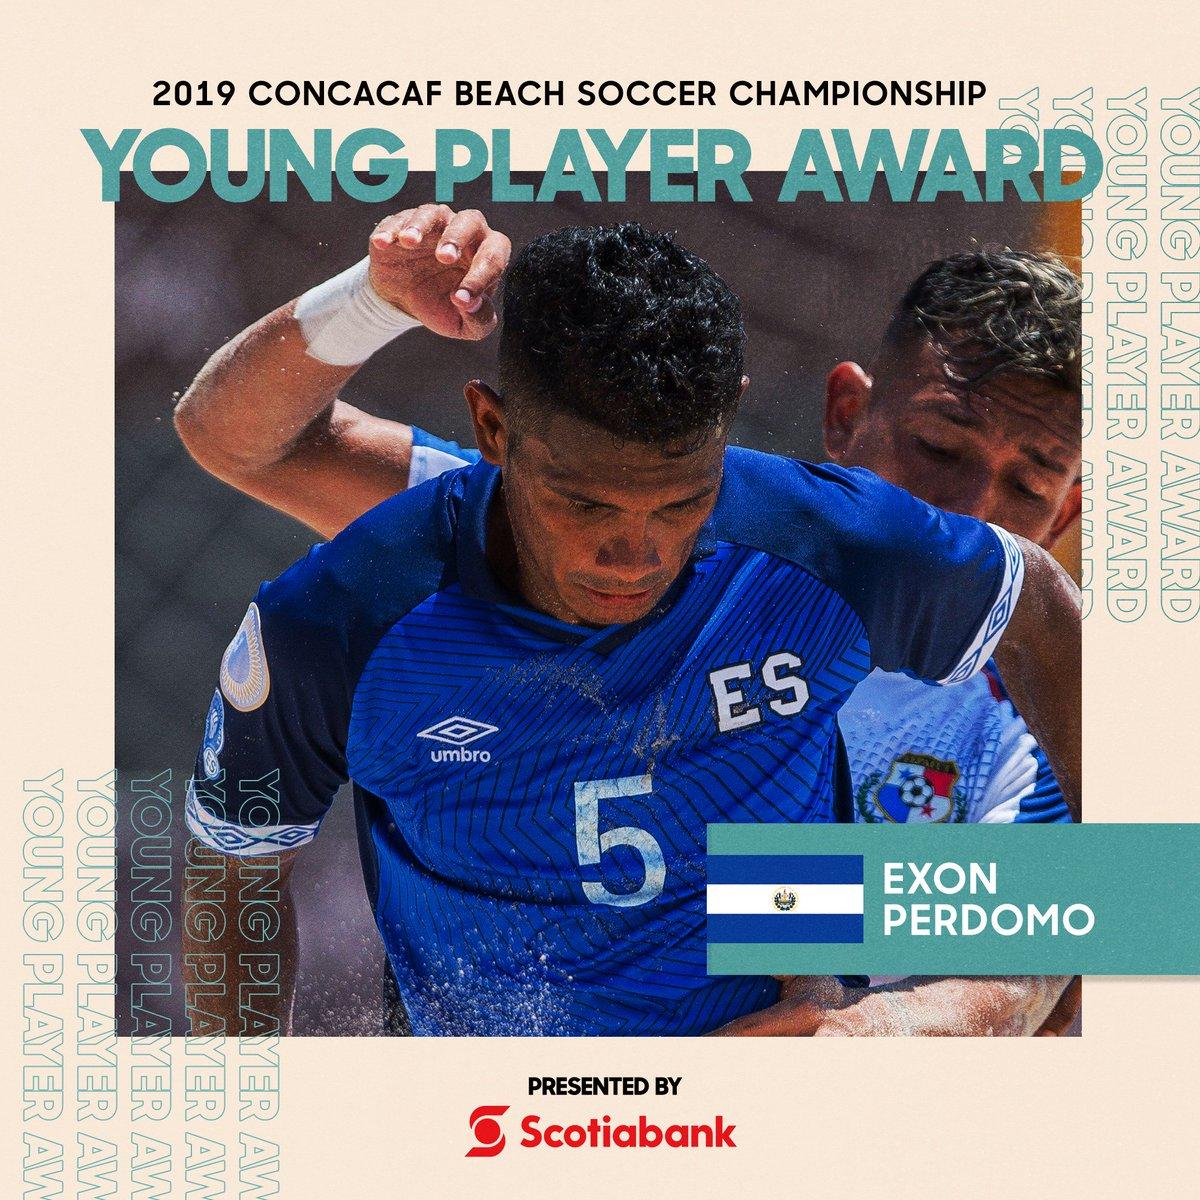 Exon Perdomo de El Salvador, electo ganador al Premio Mejor Jugador joven presentado por @ScotiabankFCen el #CBSC 2019